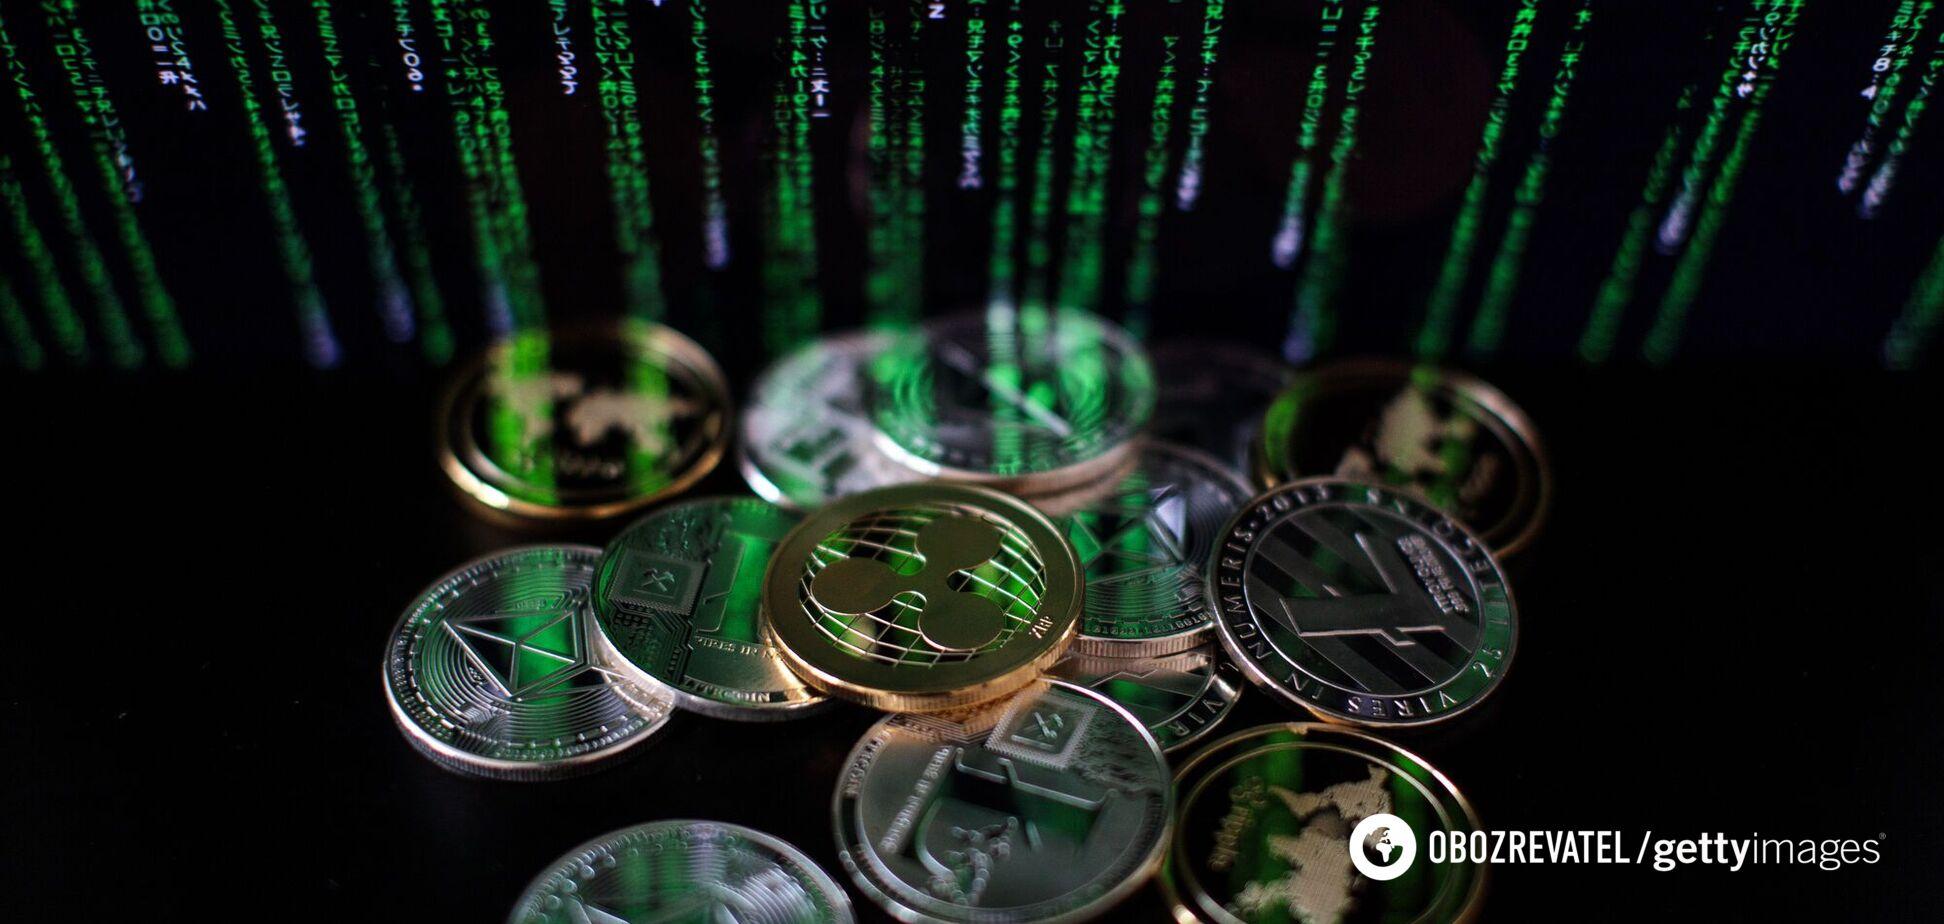 Жартівлива криптовалюта зросла на 11 000%: чому може стати вигідним вкладенням